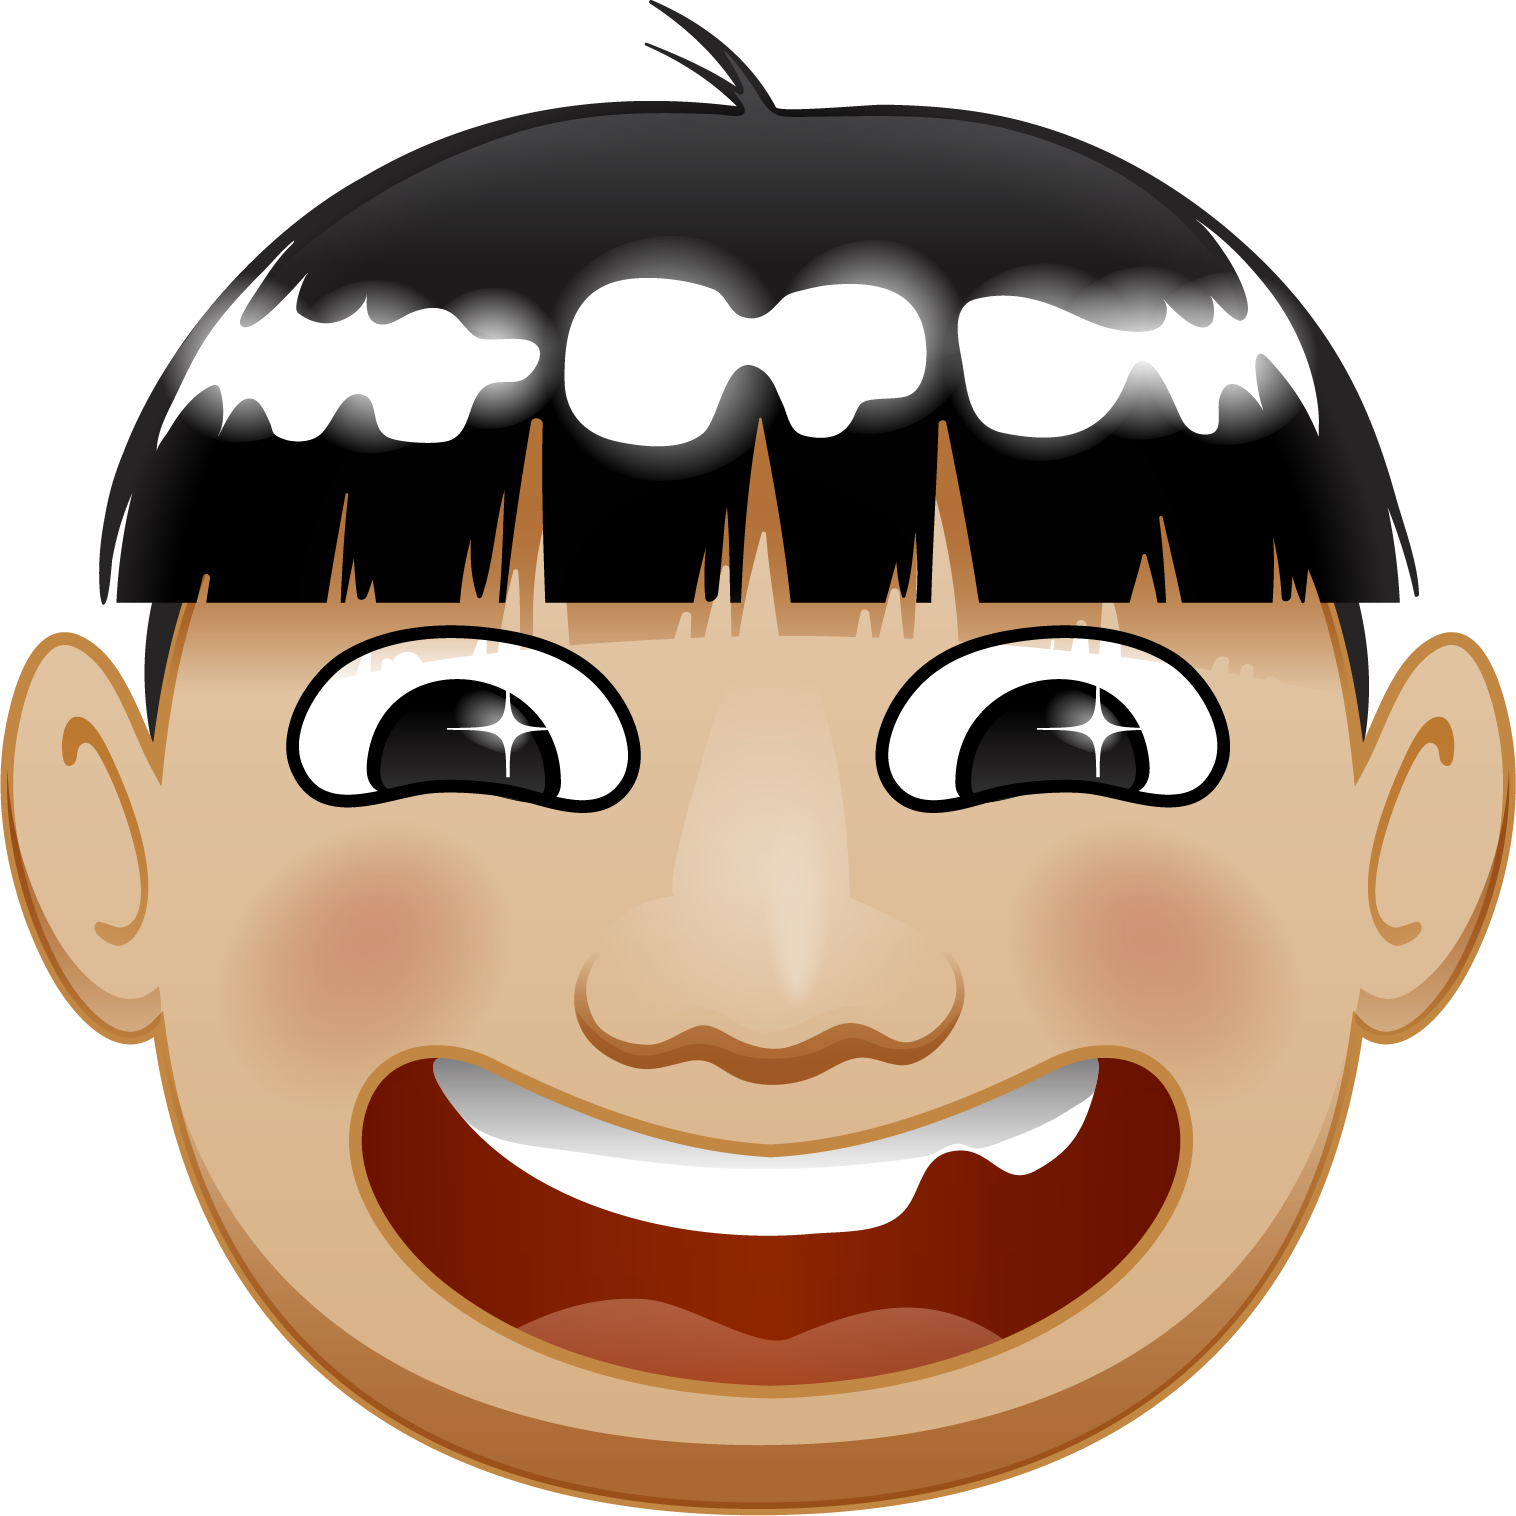 juanito face big-08.png